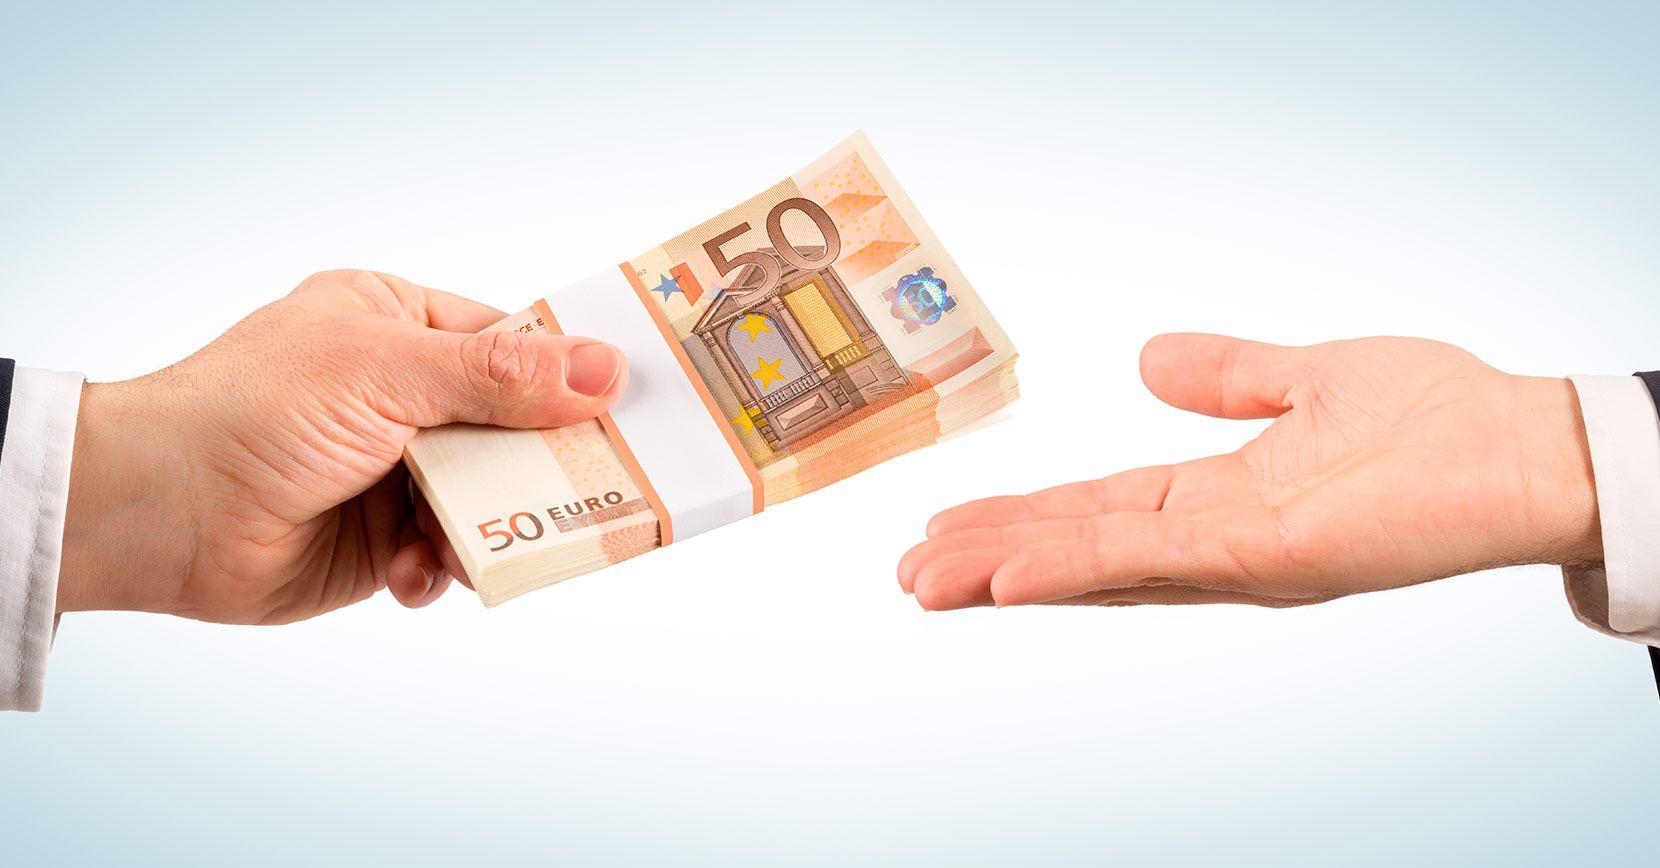 Er zijn genoeg manieren om een lening te verkopen indien dit nodig is, maar waar let je dan precies op volgens veel experts?